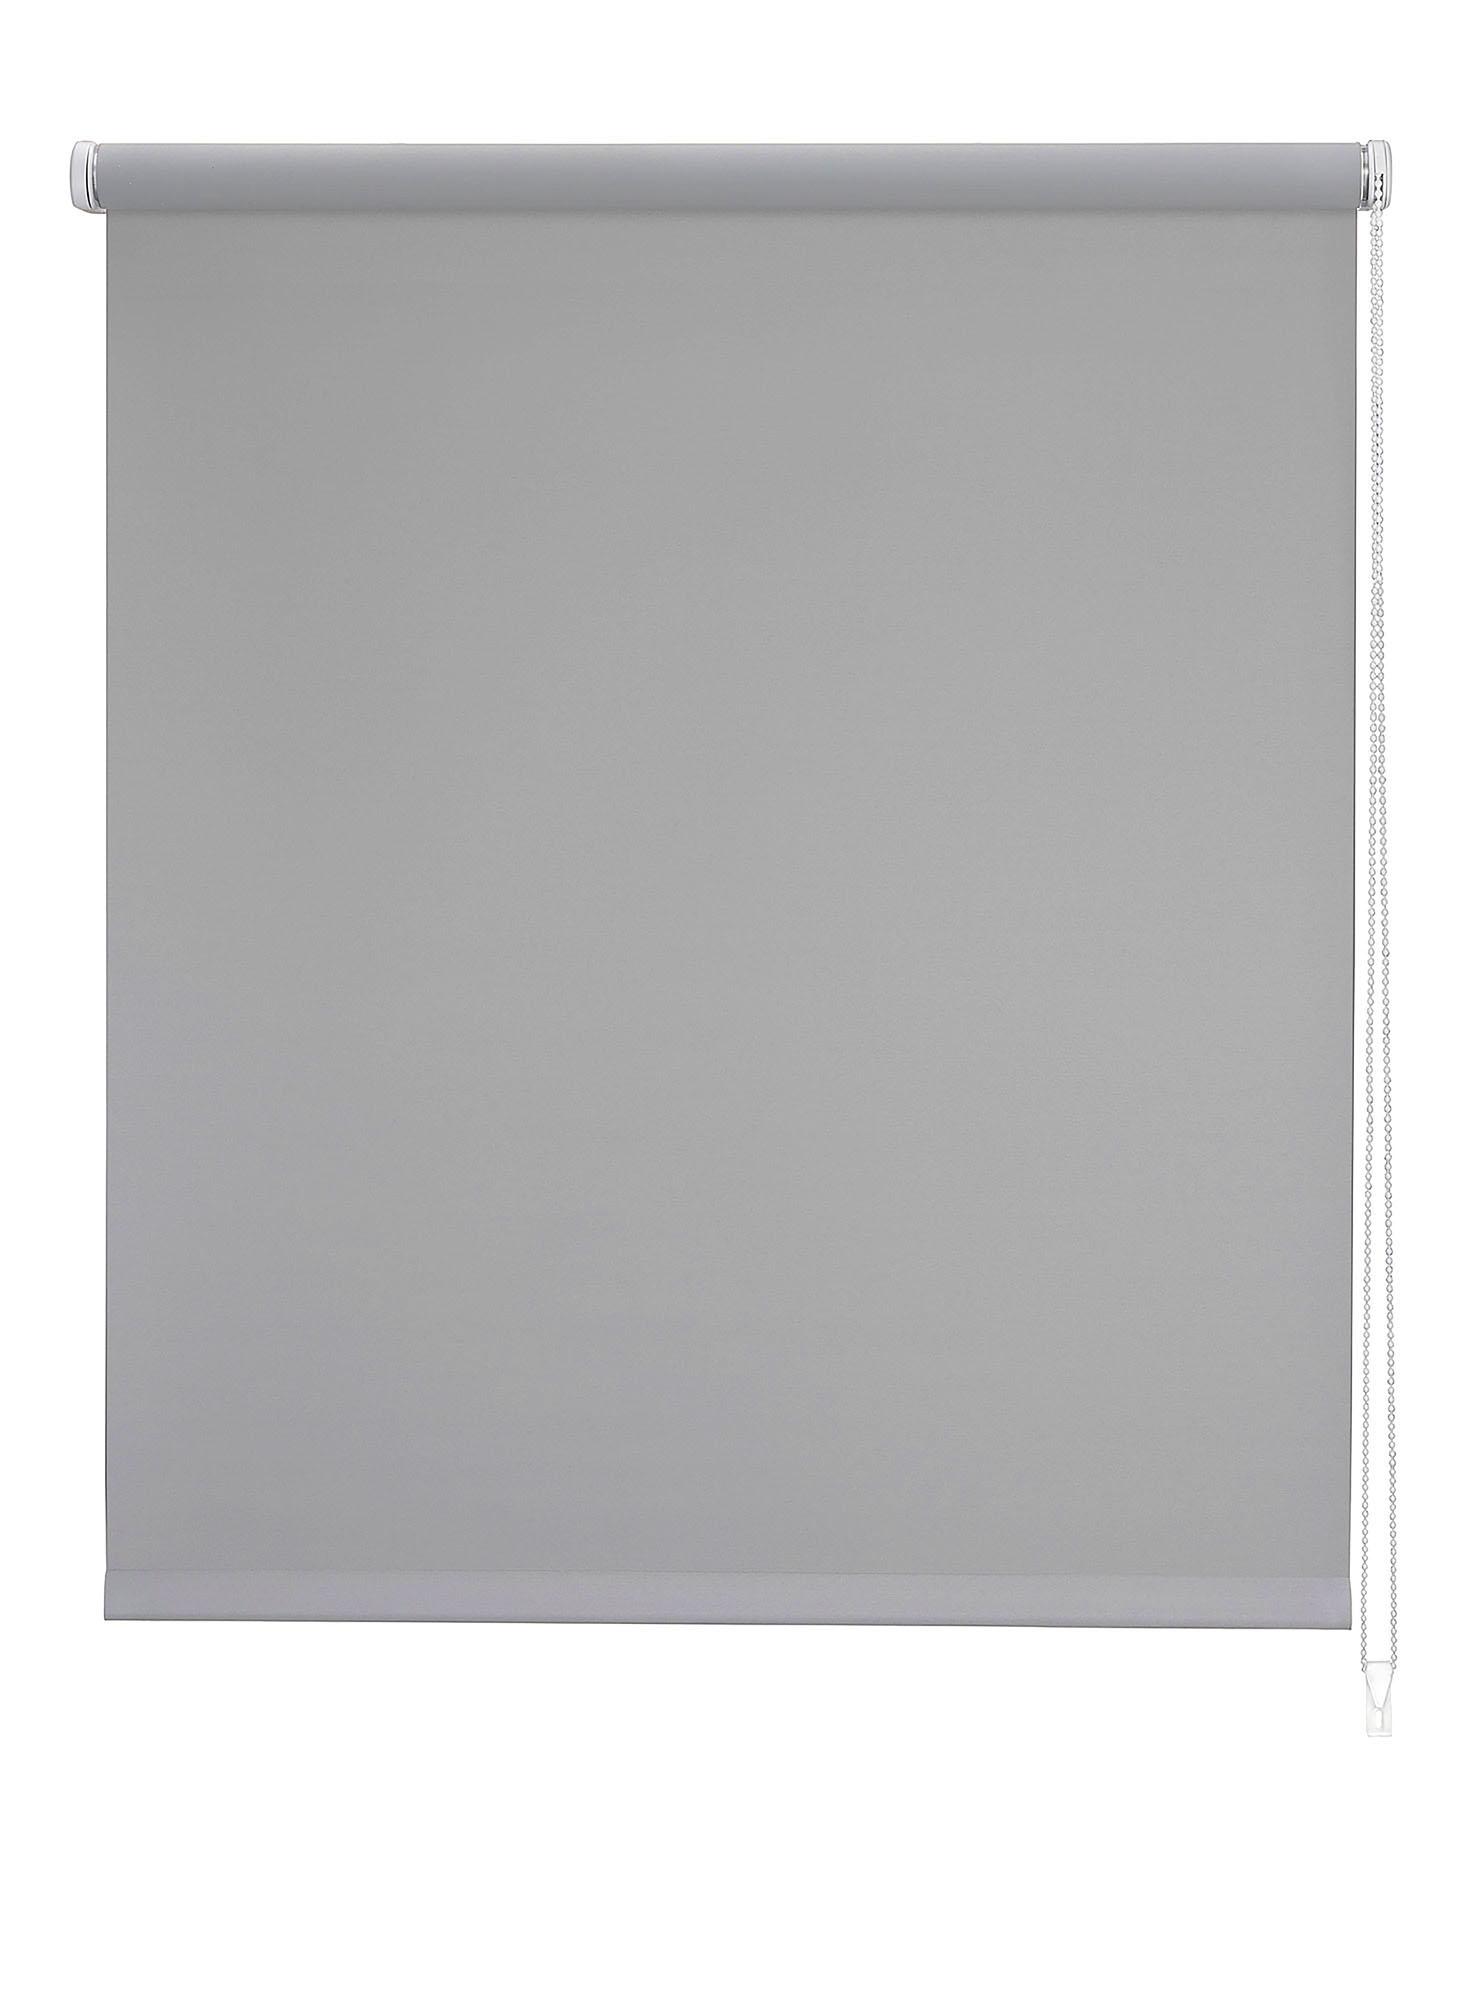 Store enrouleur Translucide - Gris - 90 x 250 cm